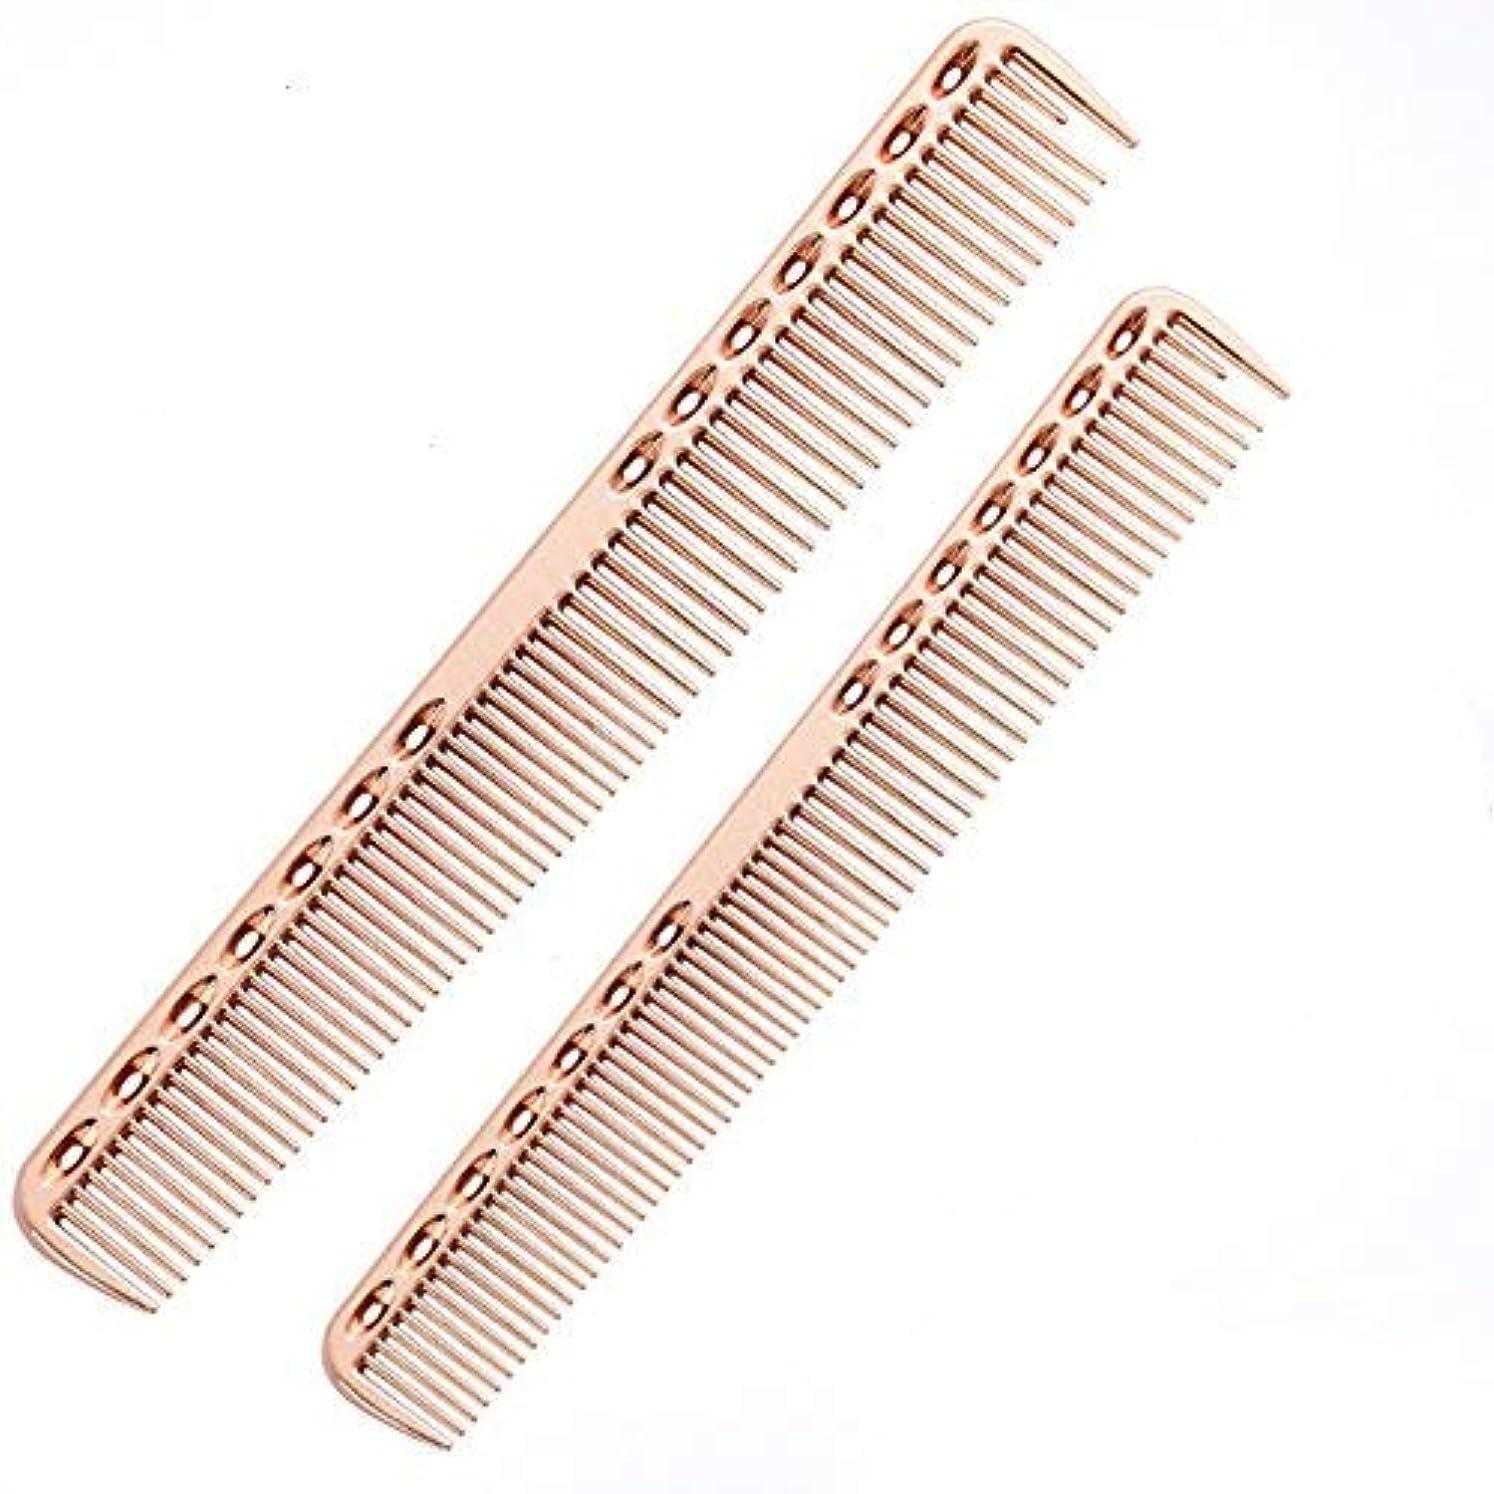 アーサーコナンドイル管理するレトルトSMITH CHU Professional Space Aluminum Dressing Combs for Women - Best Styling Comb for Long,Wet or Curly, Reduce...